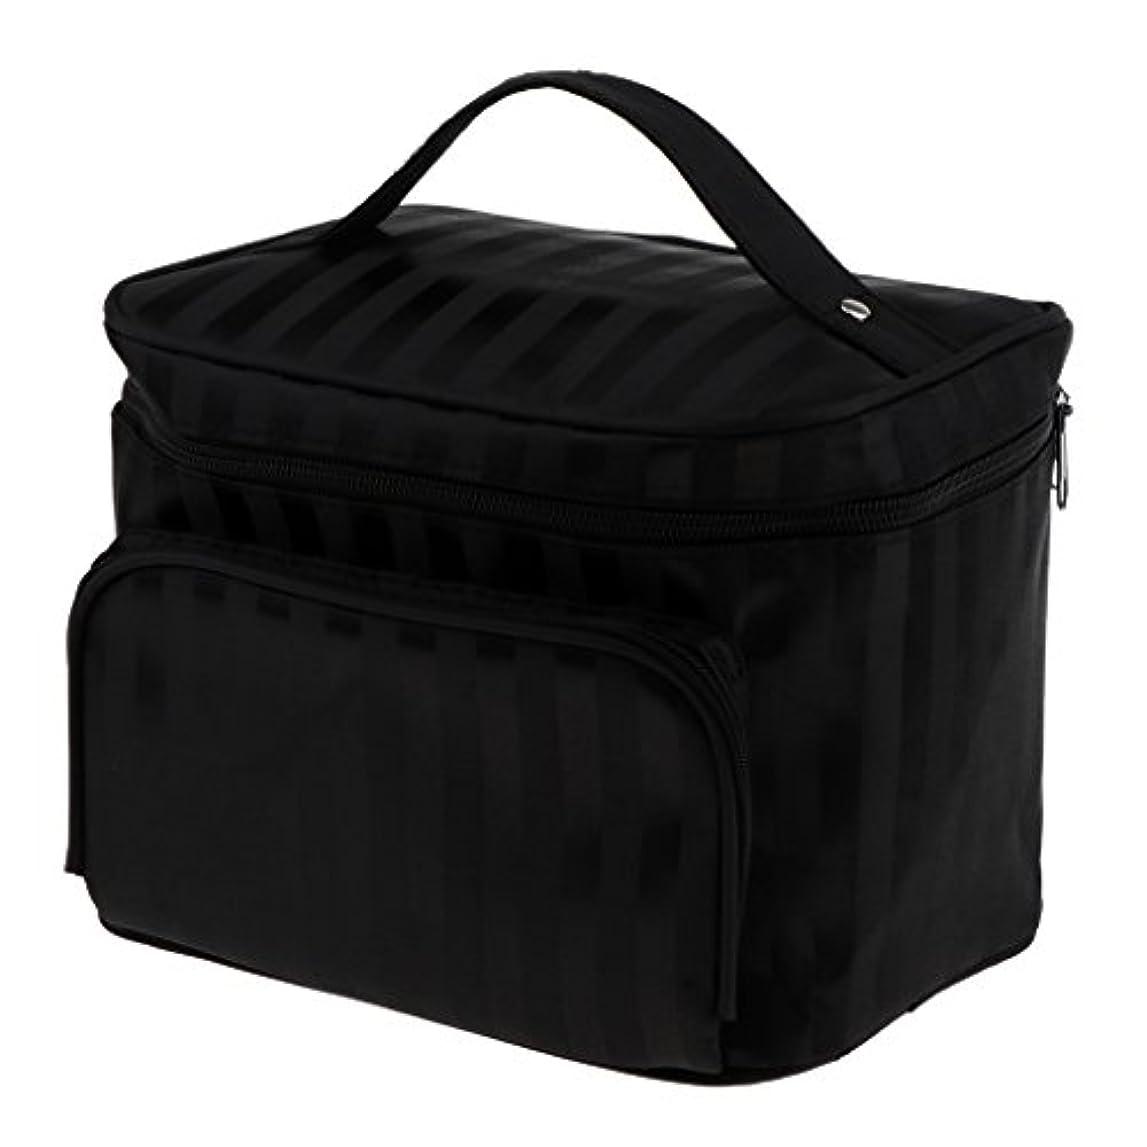 切断するここに時々Perfk メイクアップバッグ 化粧品バッグ 化粧品 コスメ メイクアップ 収納 防水 耐摩耗 旅行用 バッグ メイクボックス 化粧ポーチ 5色選べる - ブラック